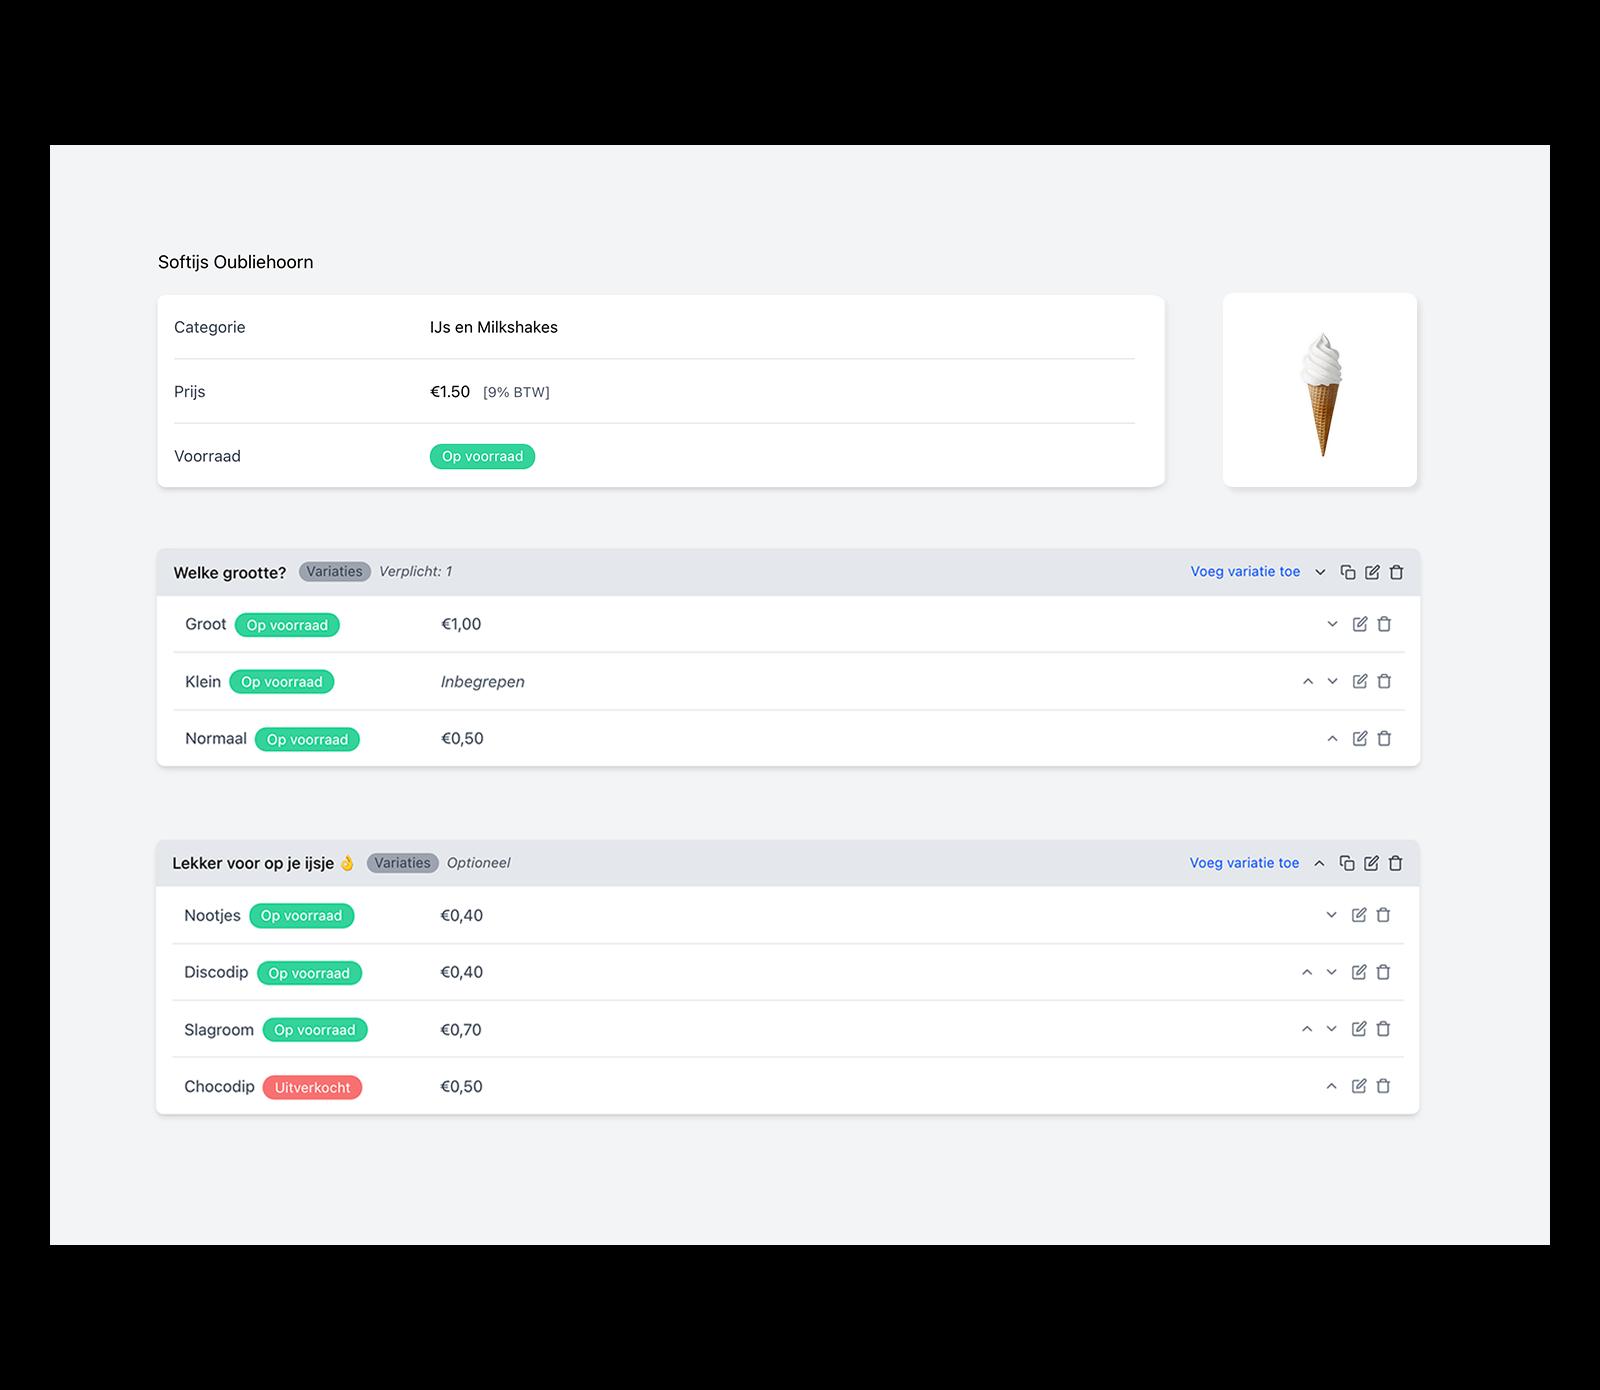 Een overzicht van alle bestellingen, zodat de ondernemer alle controle heeft op zijn zaak en de bestellingen die geplaatst worden via de kiosk. Dit is het Onesix Dashboard